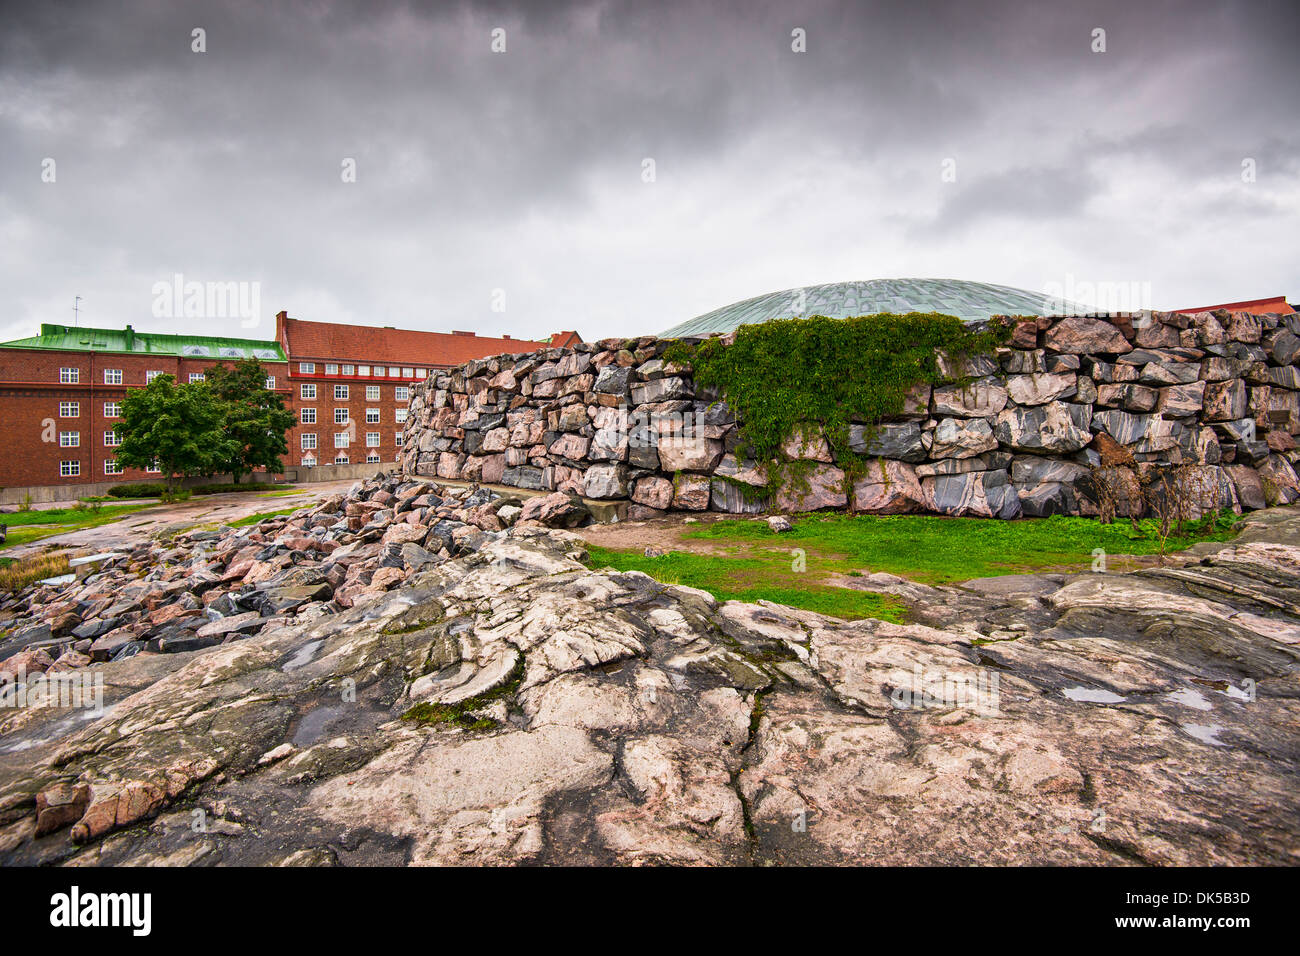 Temppeliaukio-Kirche in Helsinki, Finnland. Das Interieur wurde ausgegraben und direkt aus Fels gebaut. Stockbild